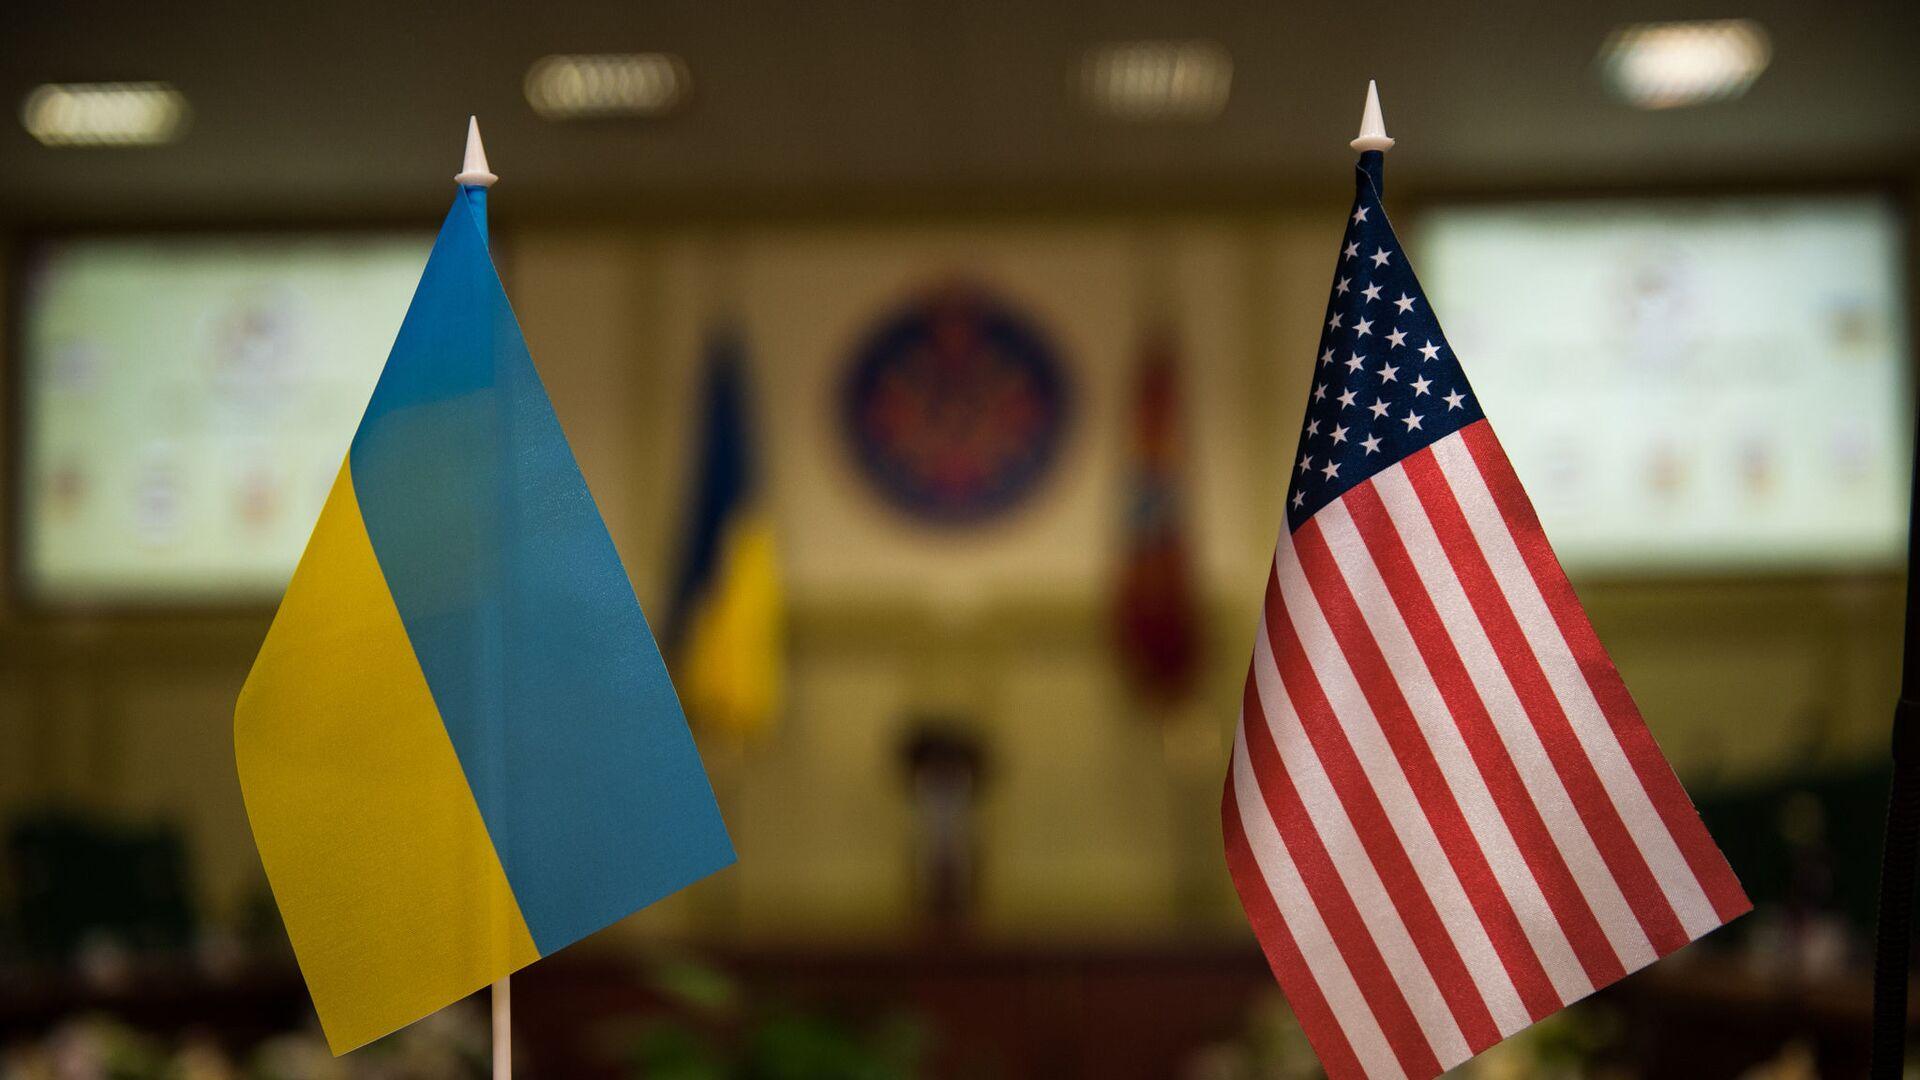 Flagi USA i Ukrainy - Sputnik Polska, 1920, 28.08.2021